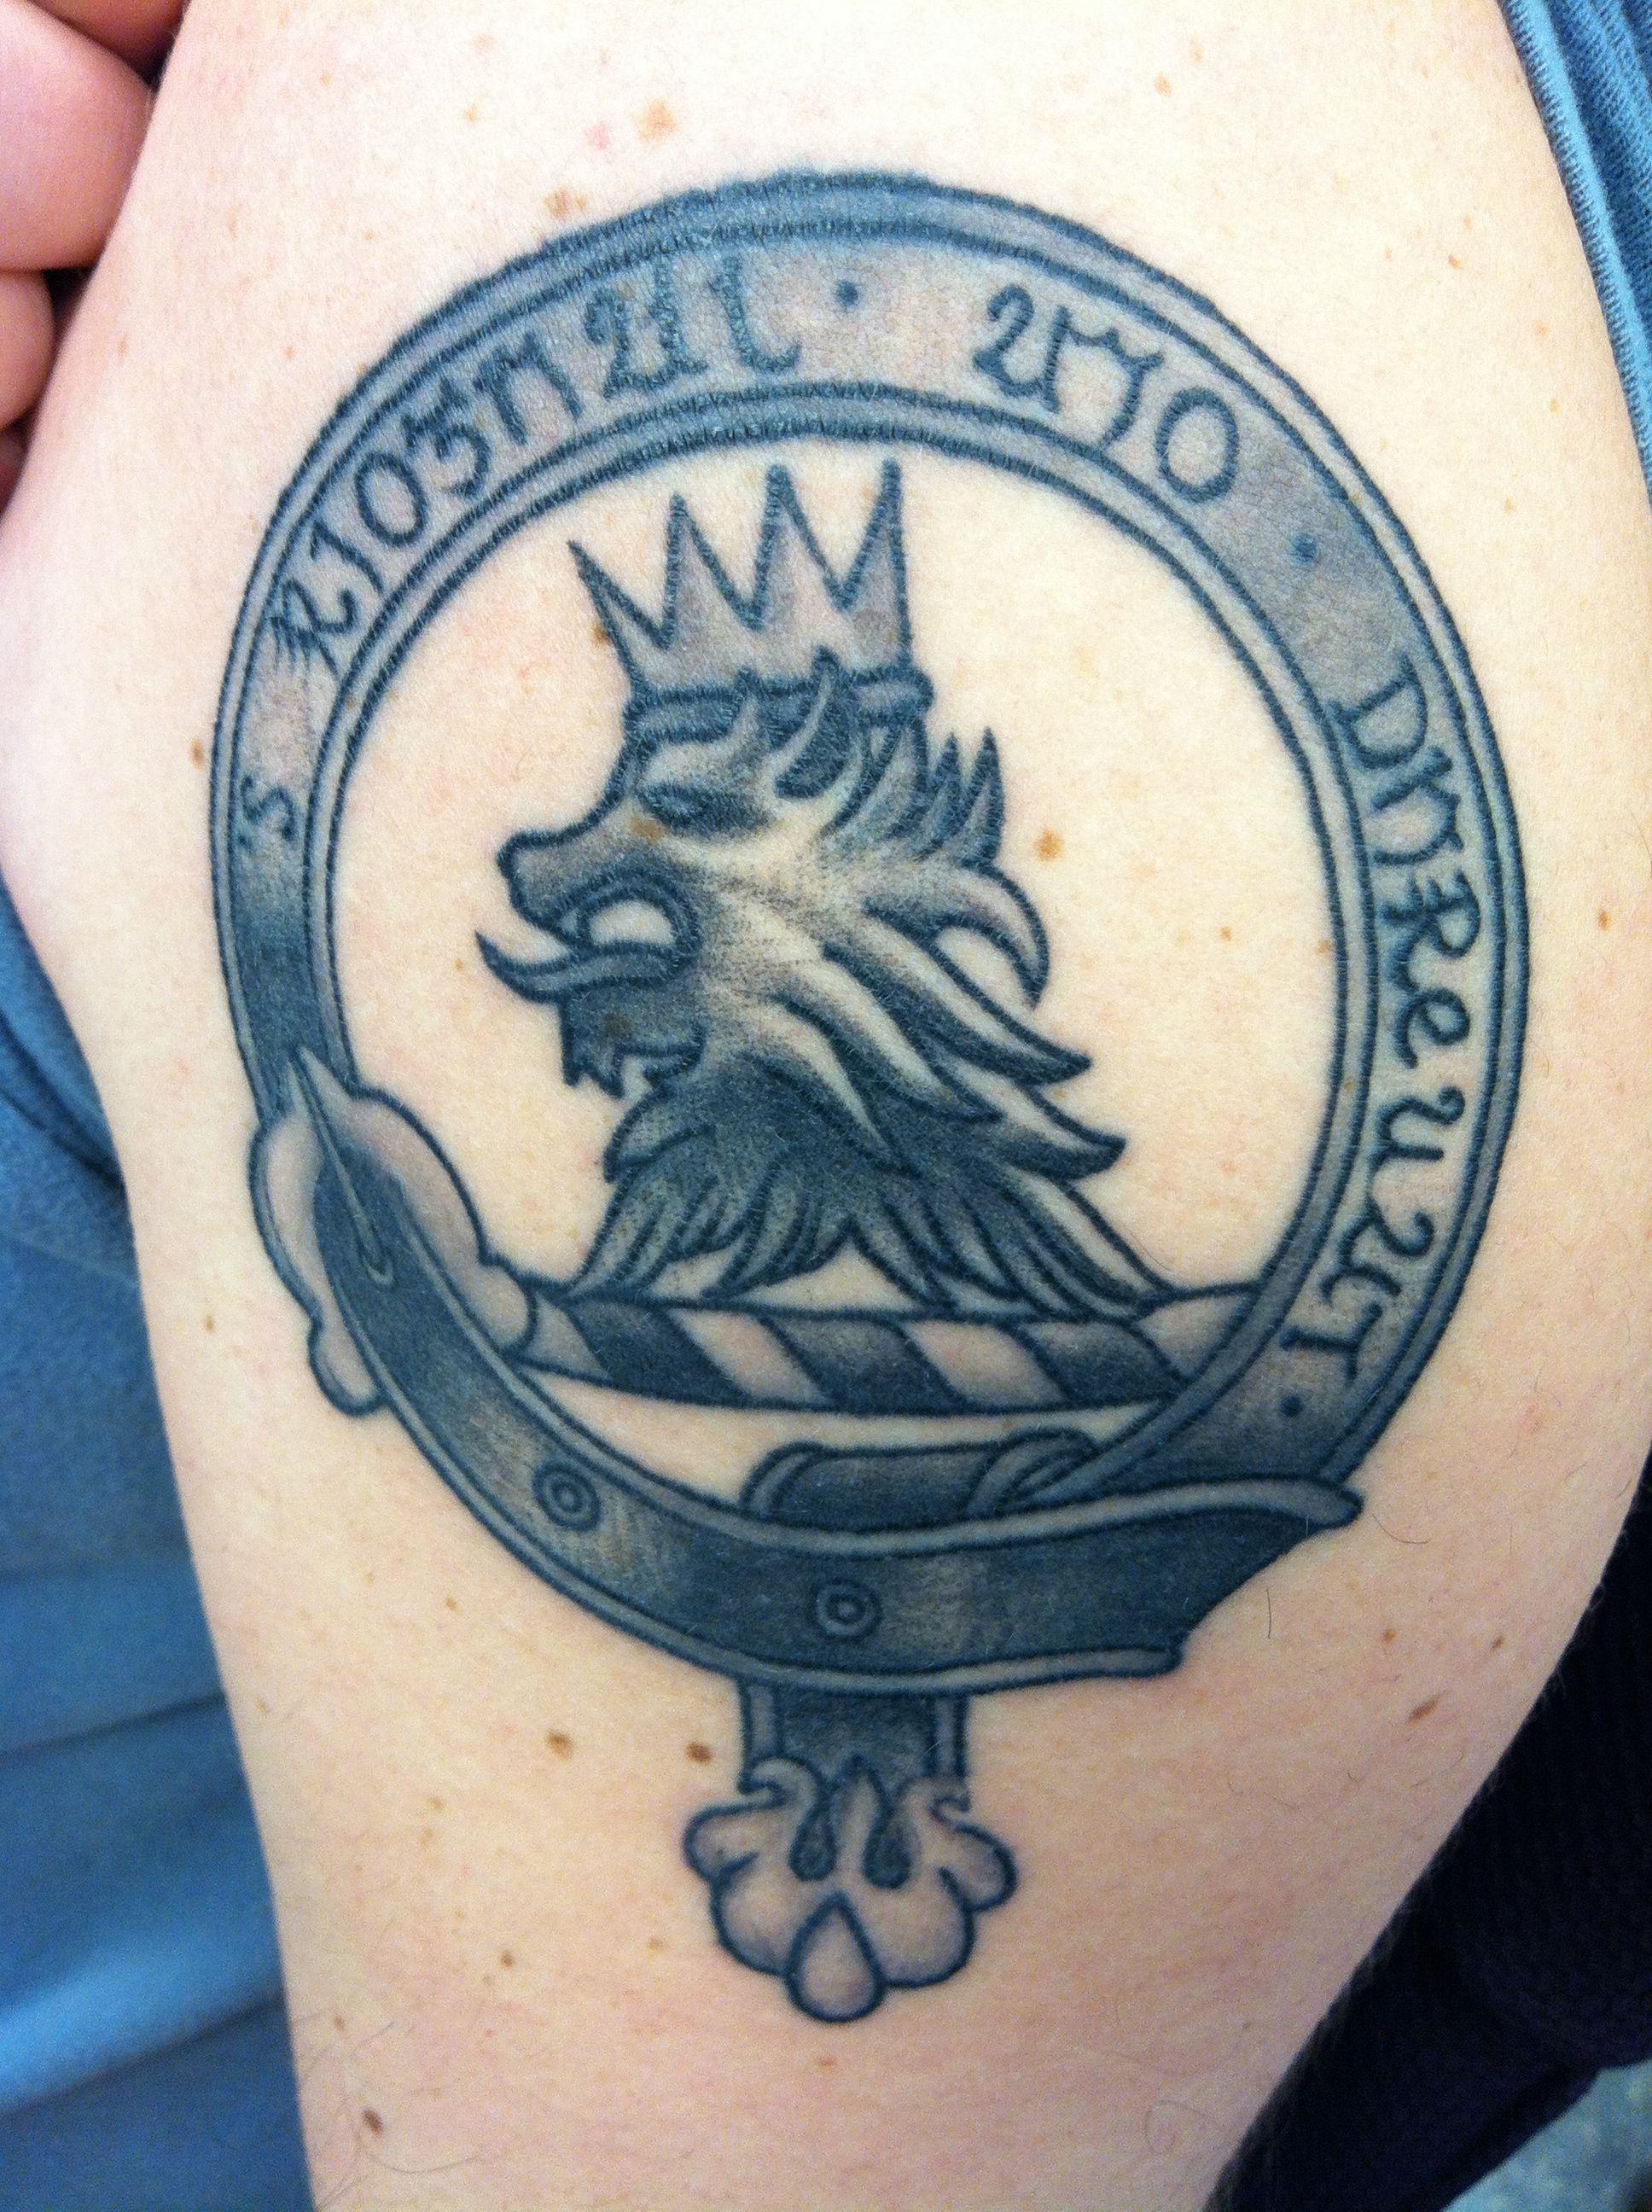 Scottish Crest Tattoo Fish Clan Symbol Wwwmiifotoscom